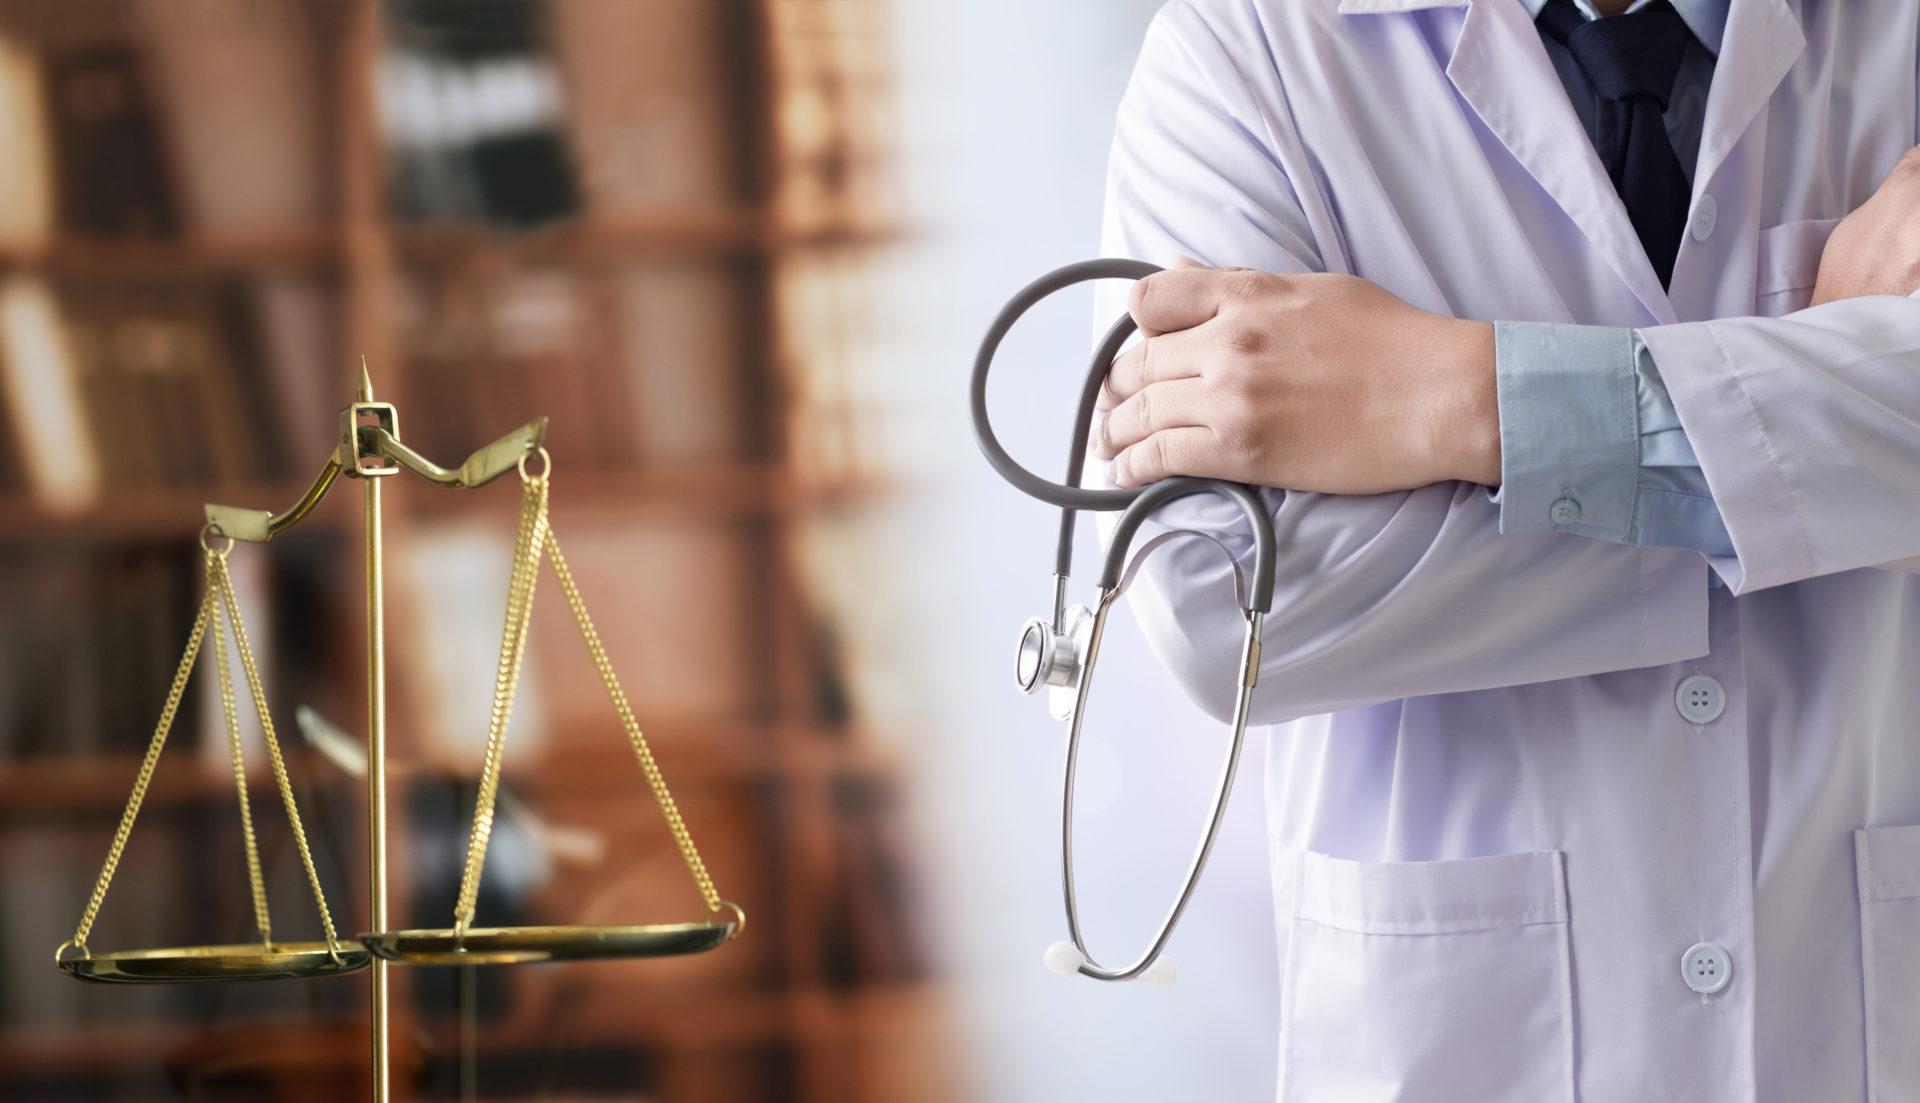 Вопросы, разрешаемые медицинской экспертизой в суде